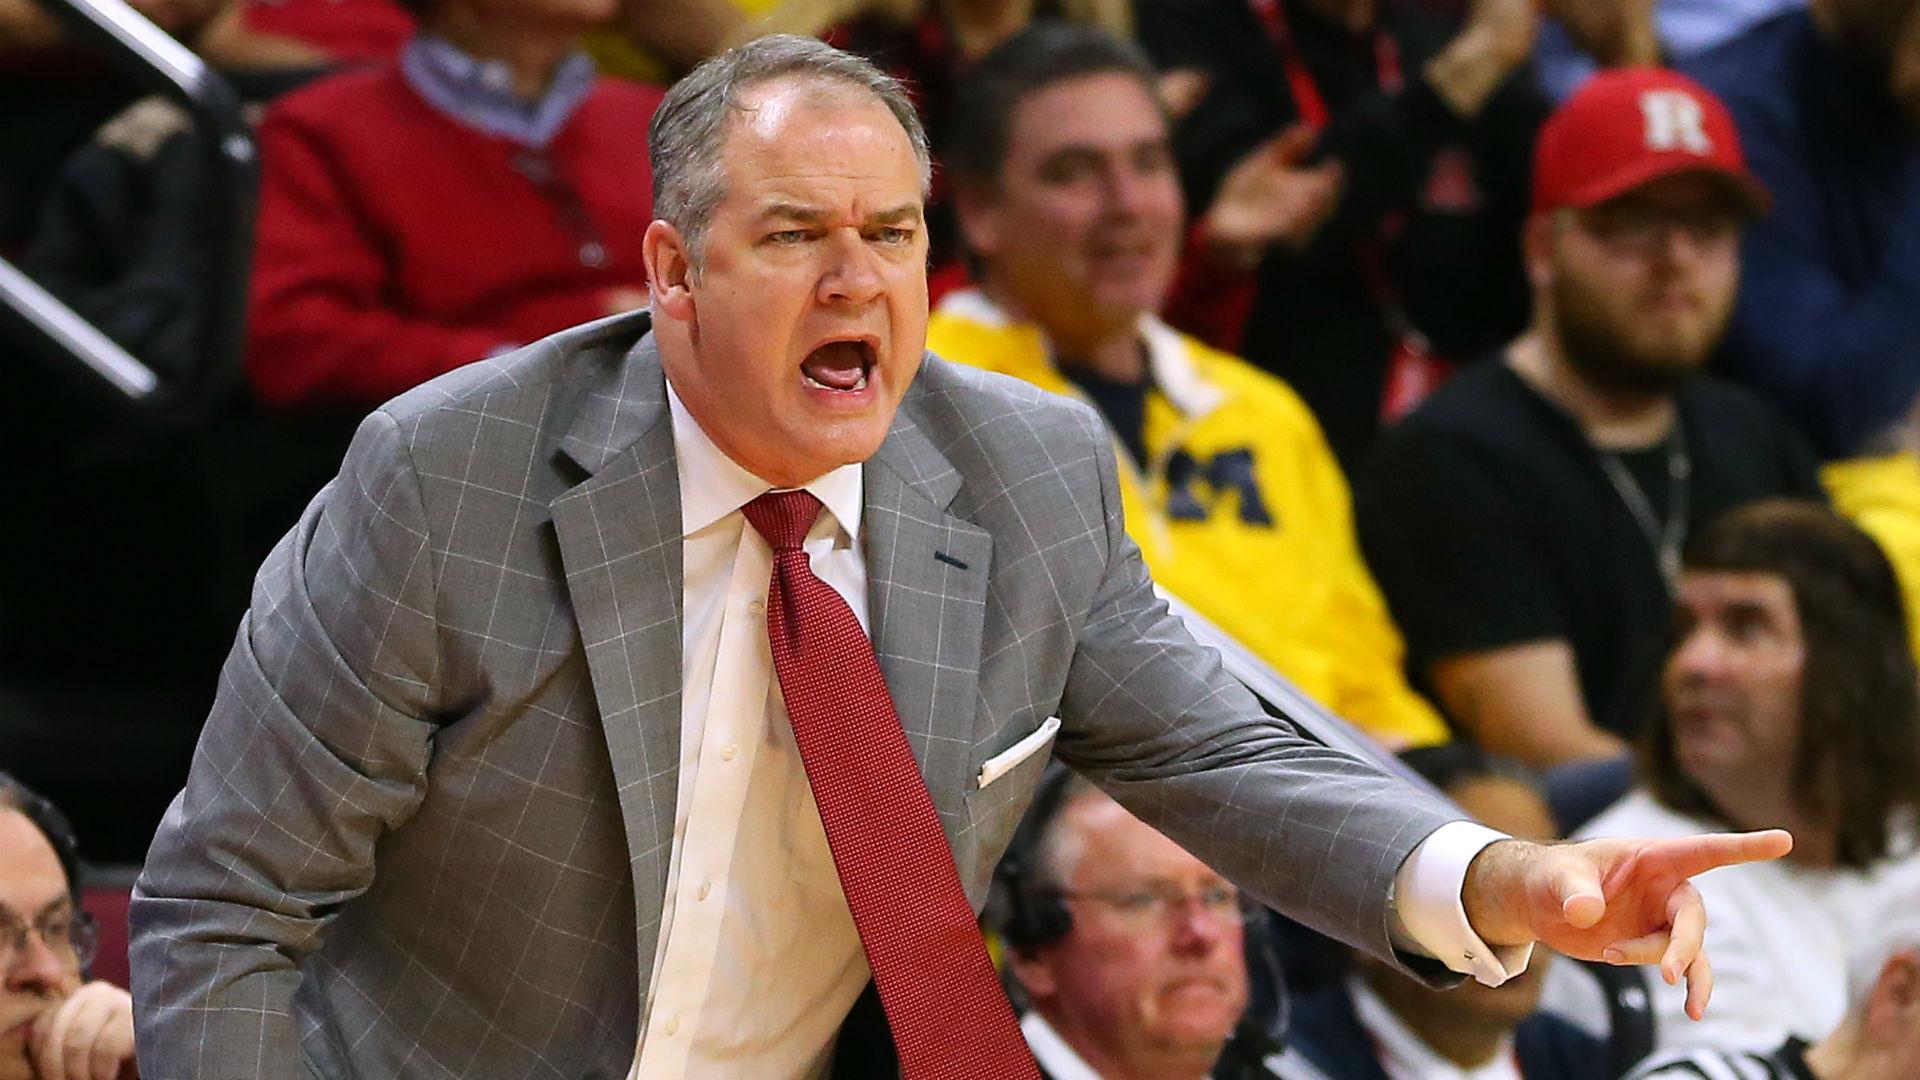 El improbable renacimiento del baloncesto de Rutgers de entre los muertos continúa con el golpe de estado de reclutamiento 10